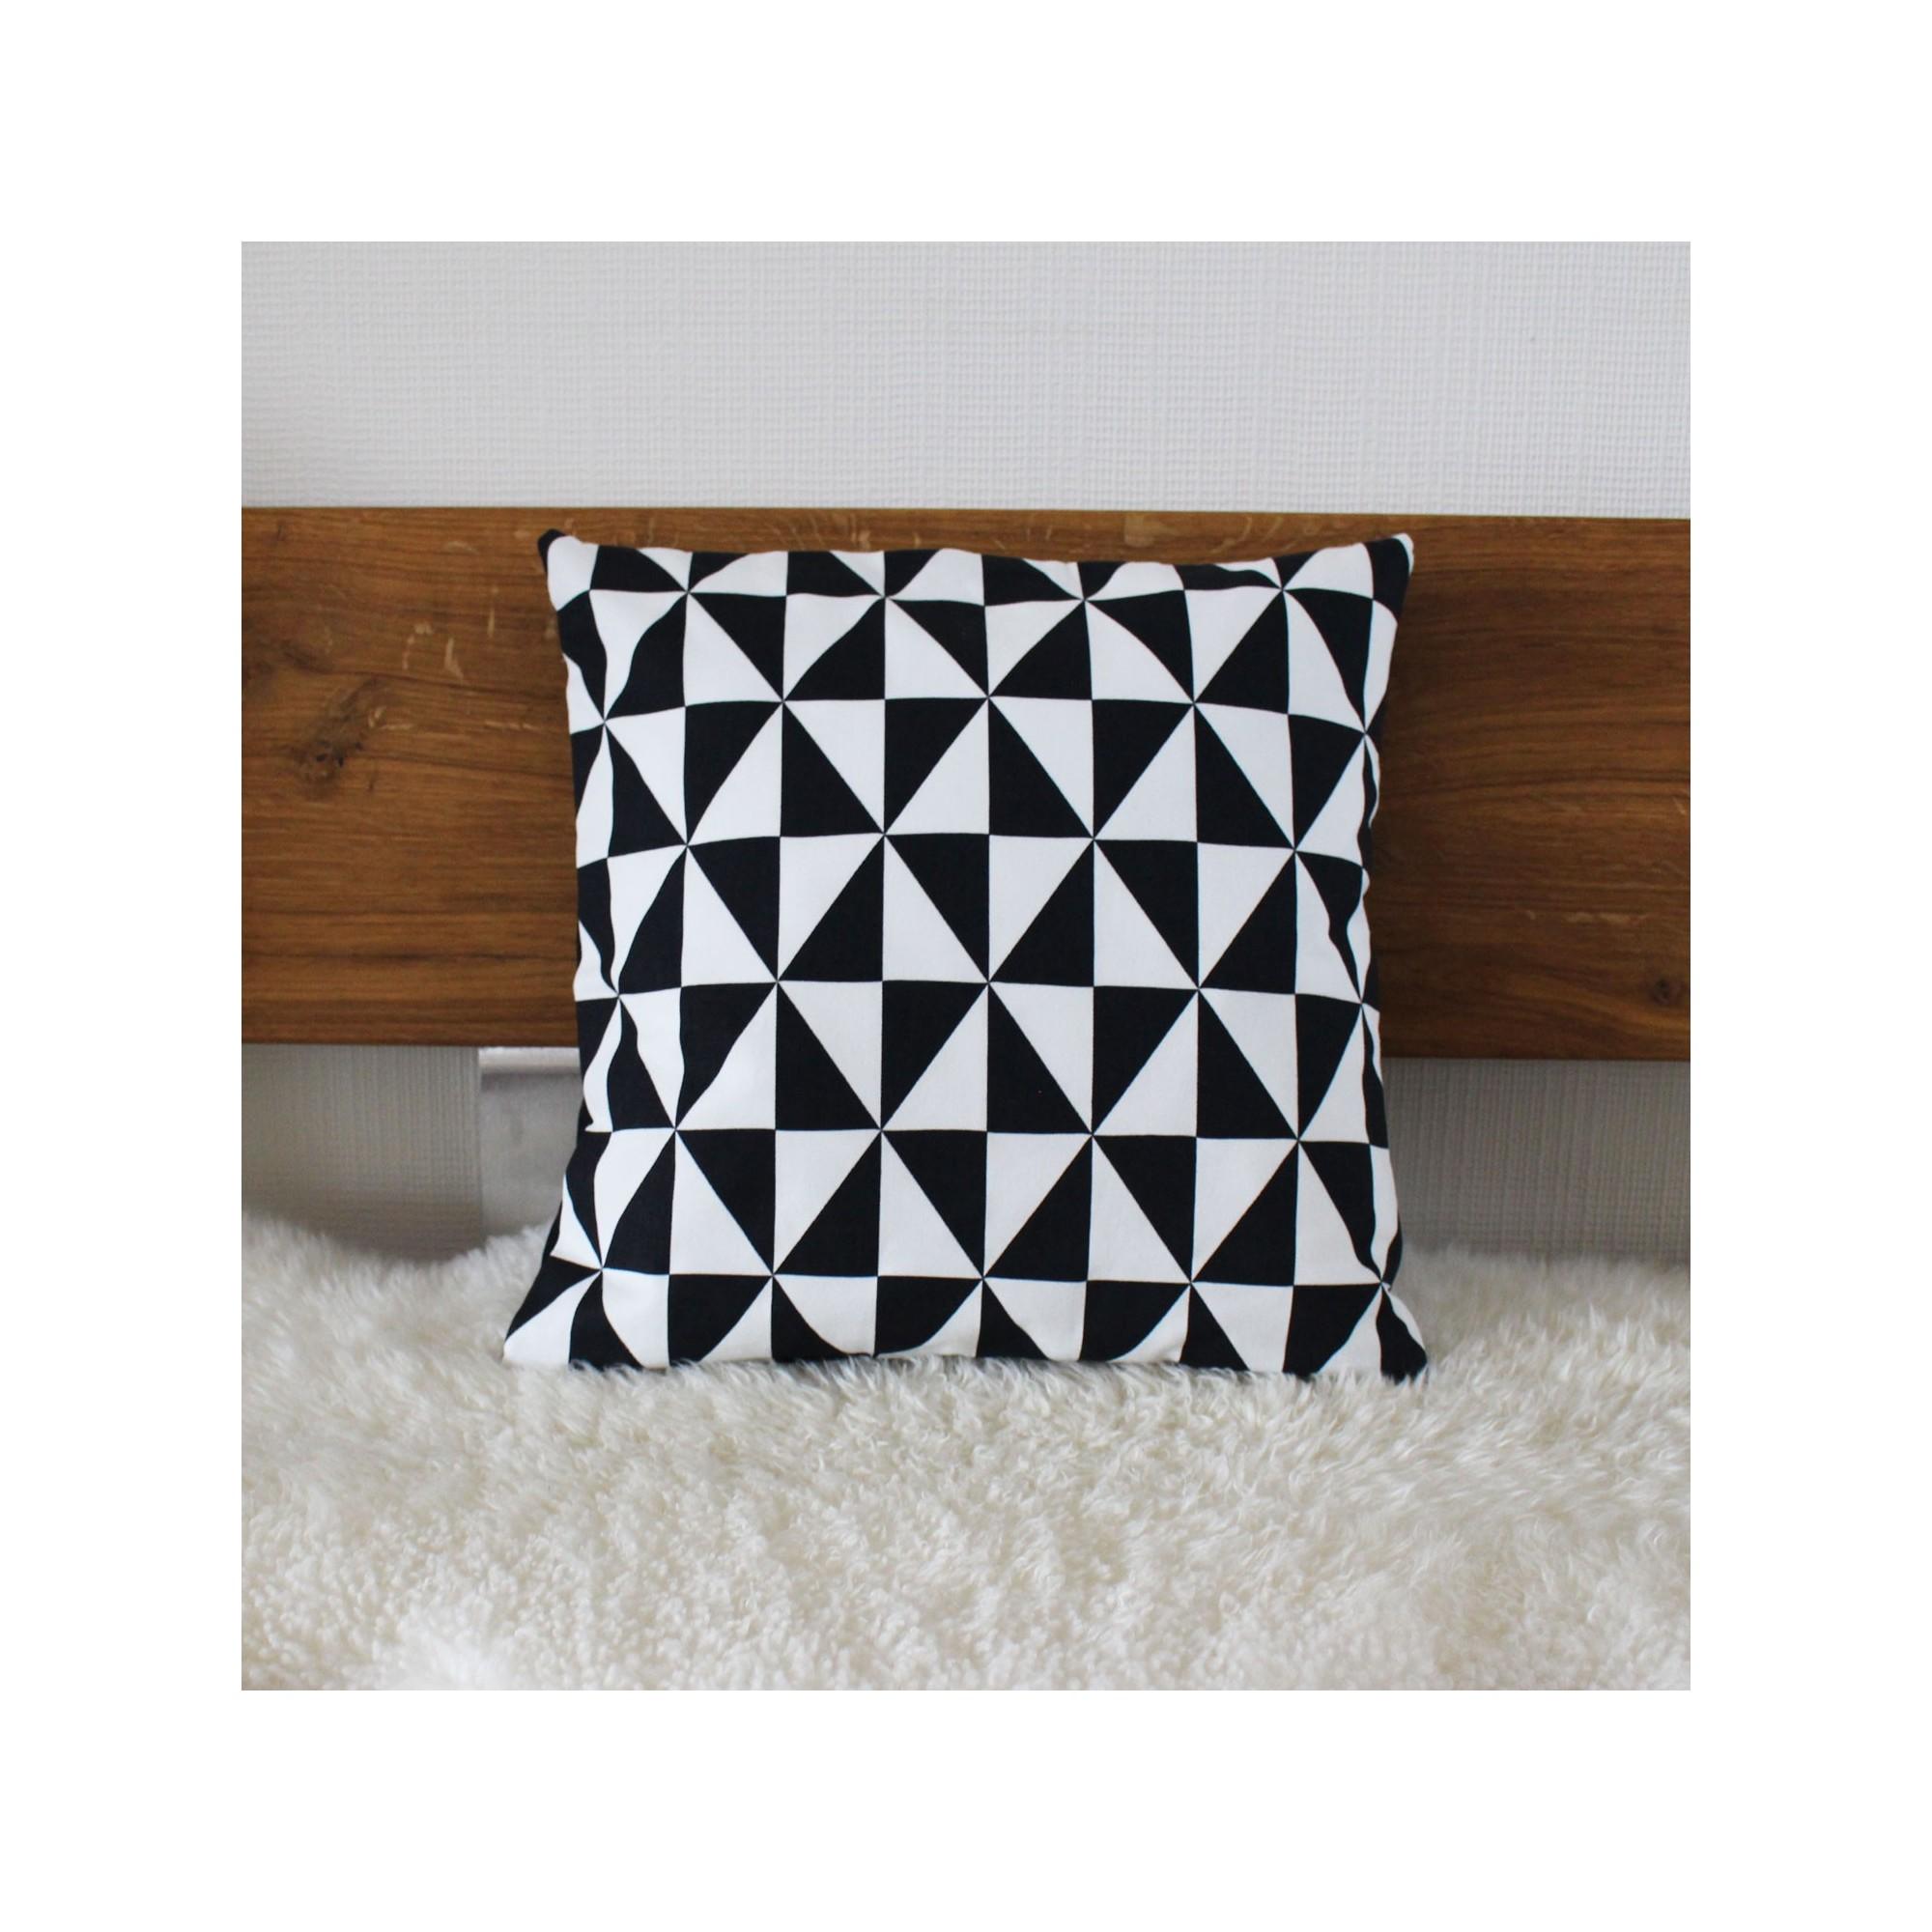 sofakissen dreiecke schwarz wei kaufen. Black Bedroom Furniture Sets. Home Design Ideas